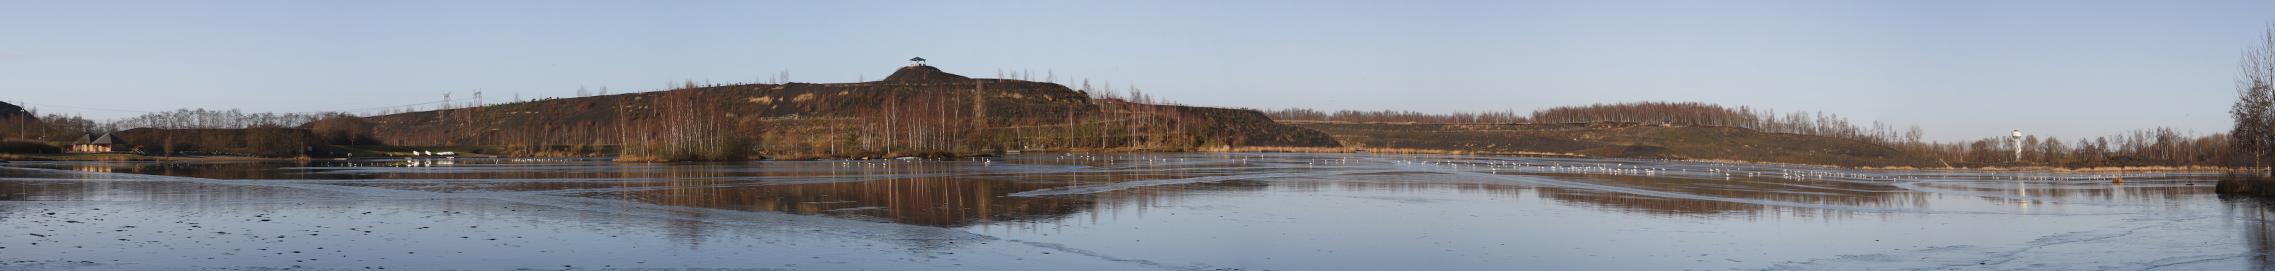 006_-_Le_lac_gelé_-_Panoramique__17_janv2010